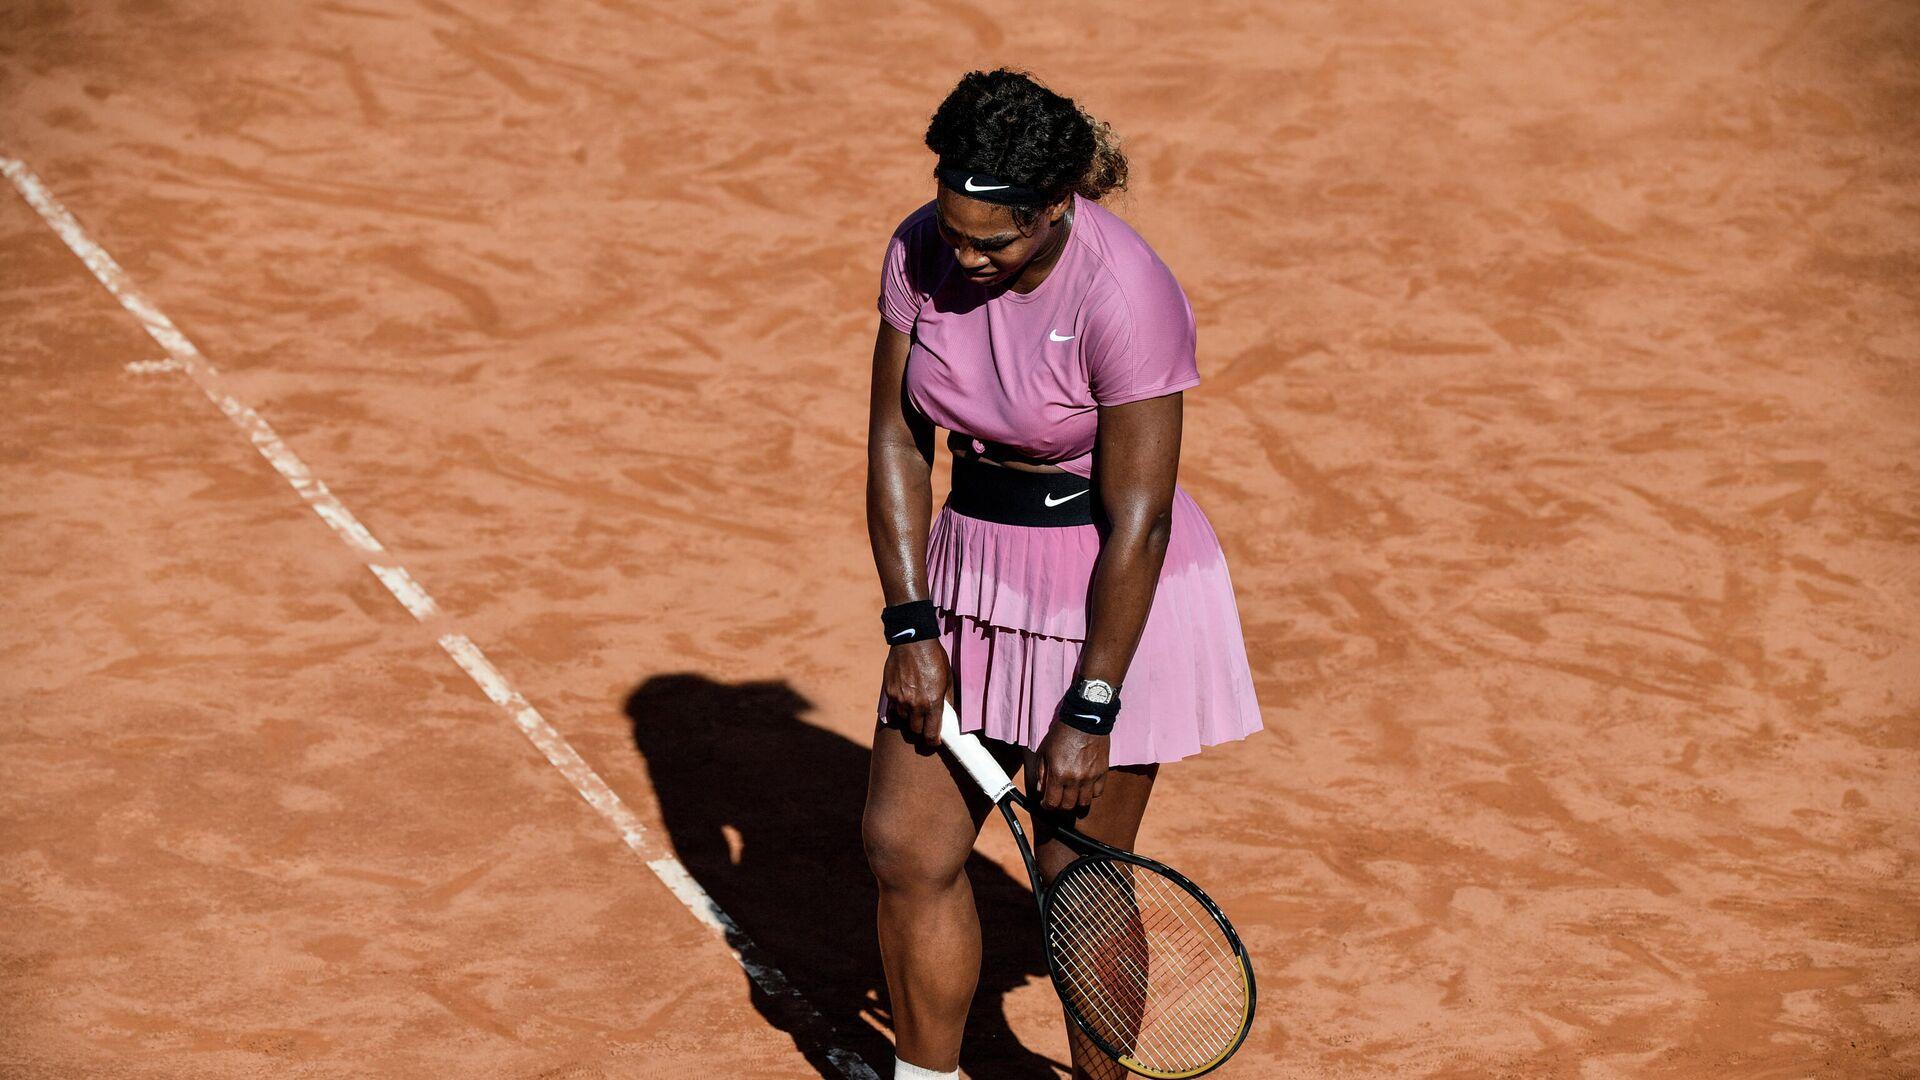 Теннисистка Серена Уильямс (США) - РИА Новости, 1920, 12.05.2021